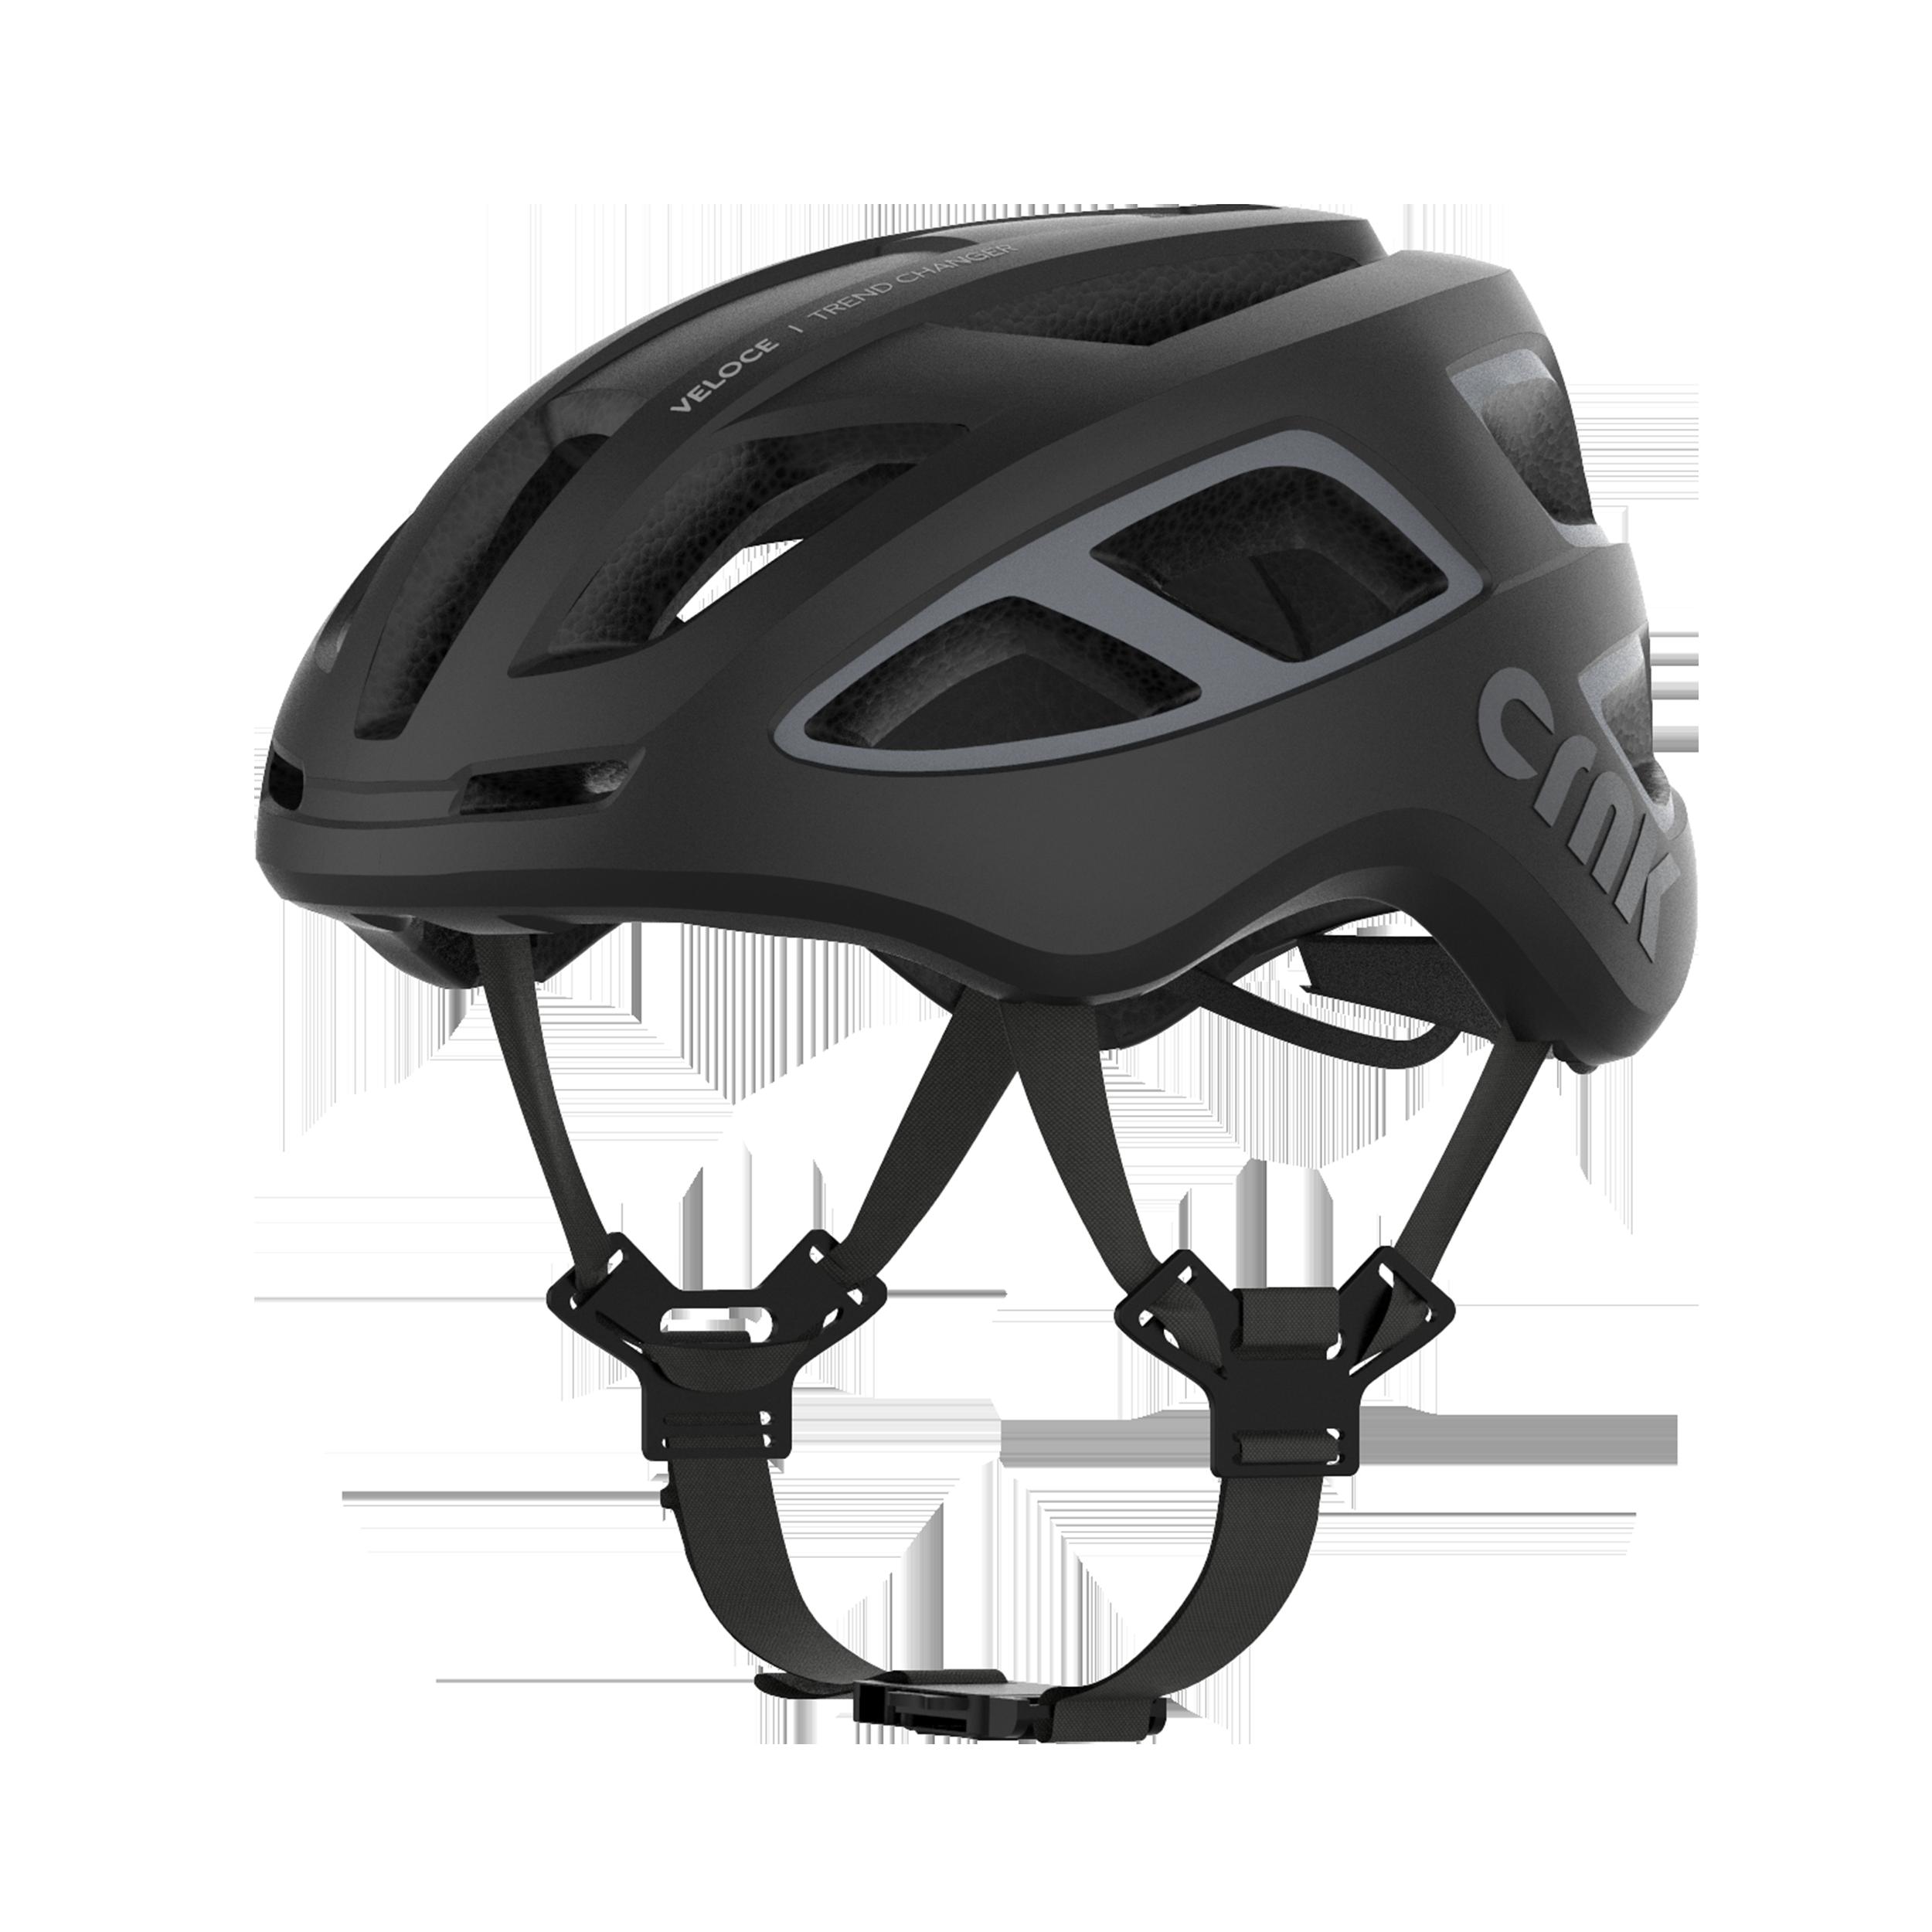 크랭크 VELOCE 자전거 헬멧, Black